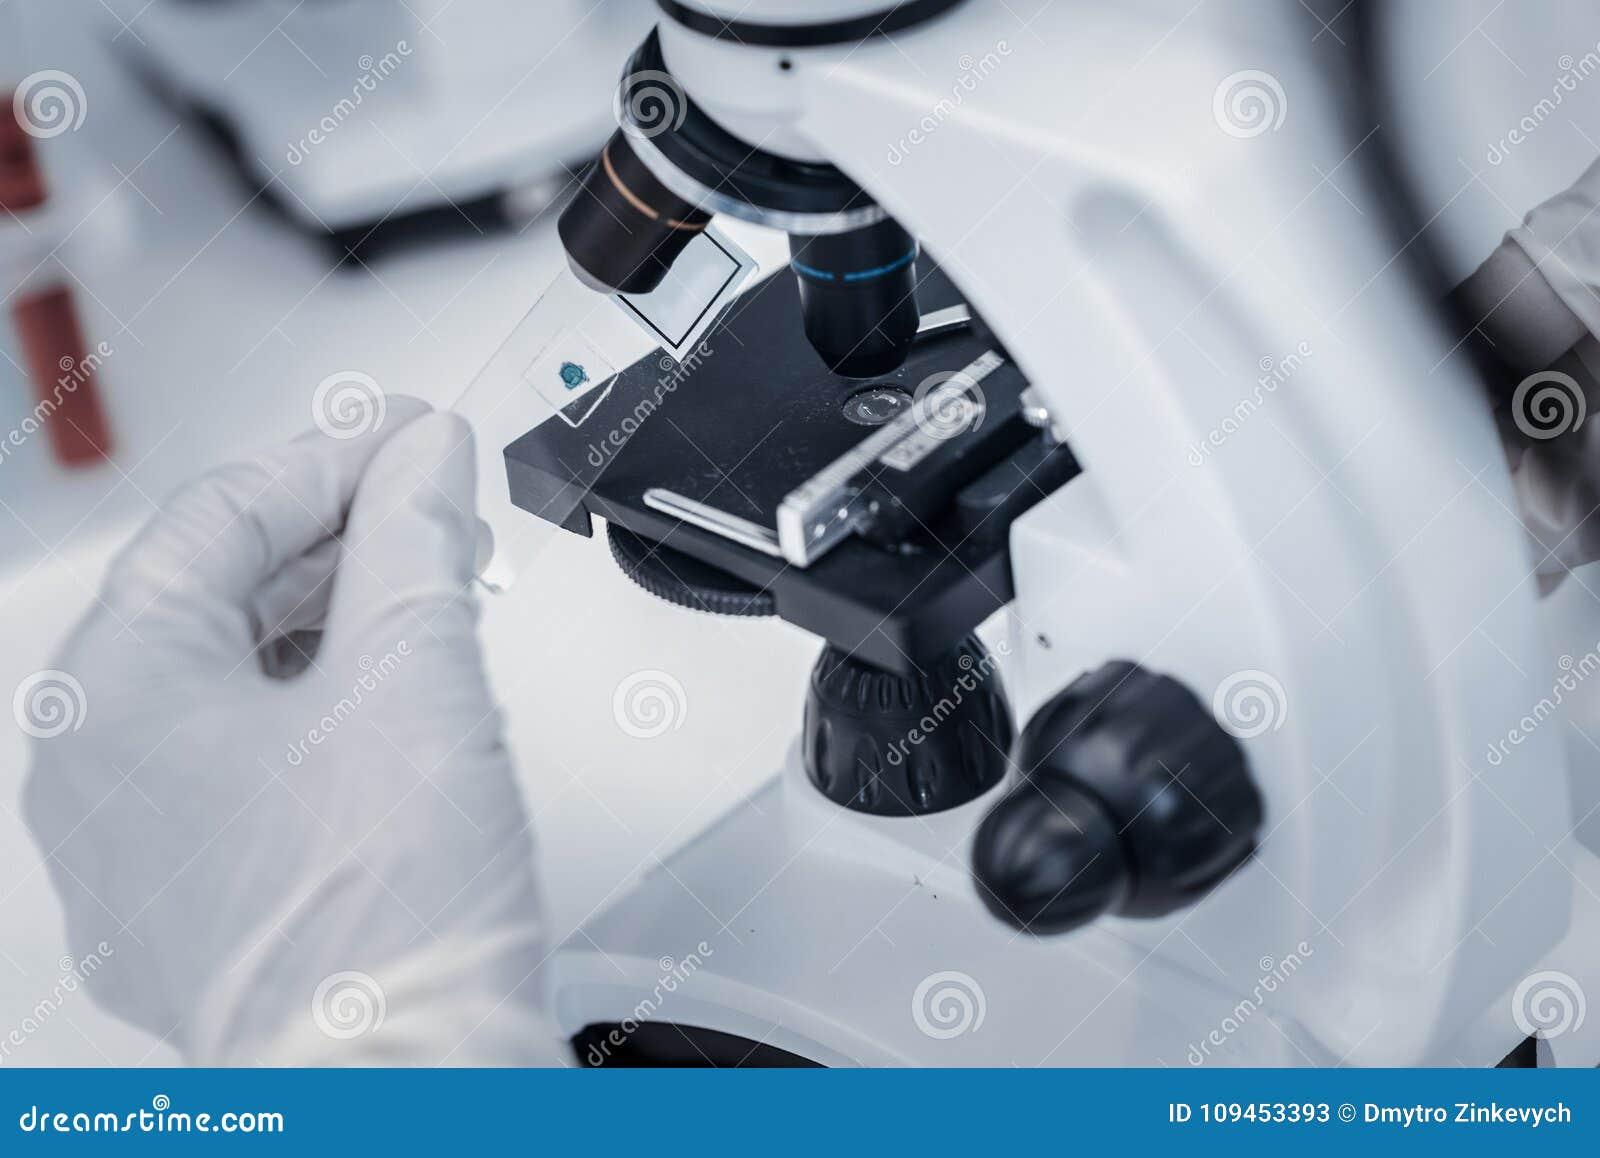 Κλείστε επάνω του ερευνητή που τοποθετεί το δείγμα κάτω από το μικροσκόπιο